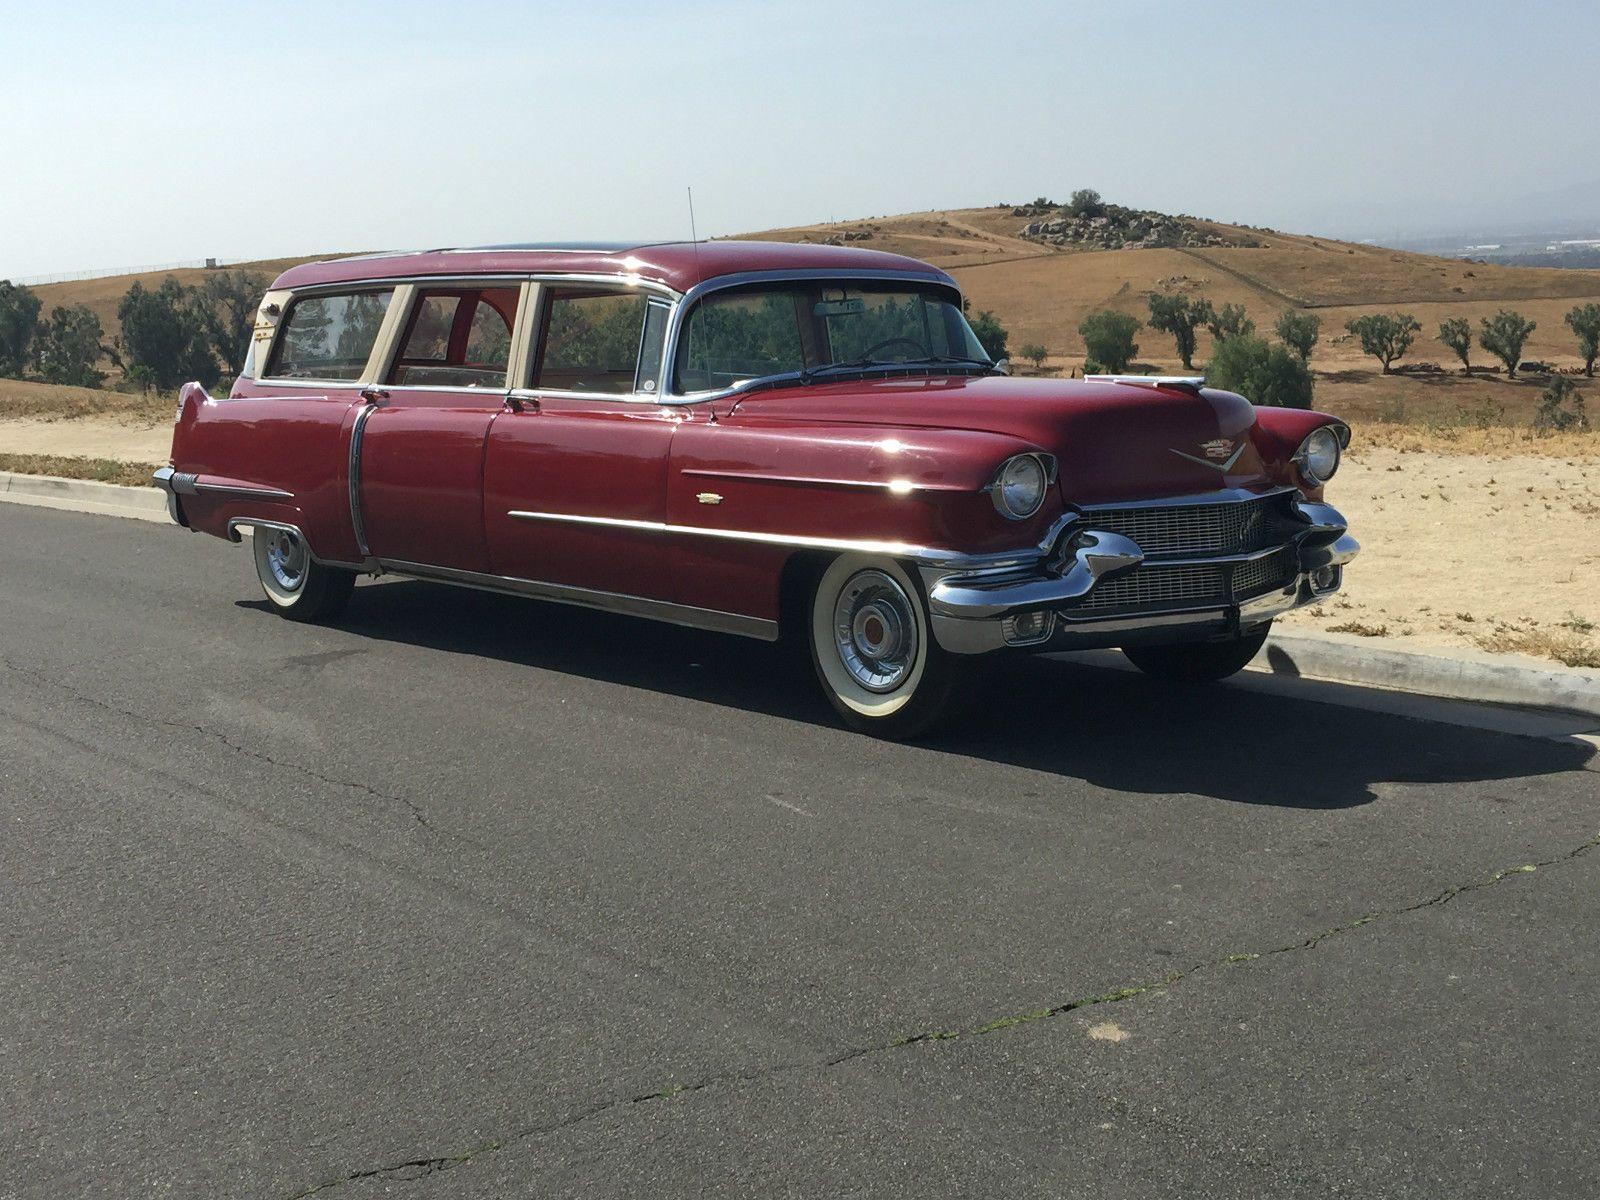 '56 Cadillac Broadmoor Skyview Wagon